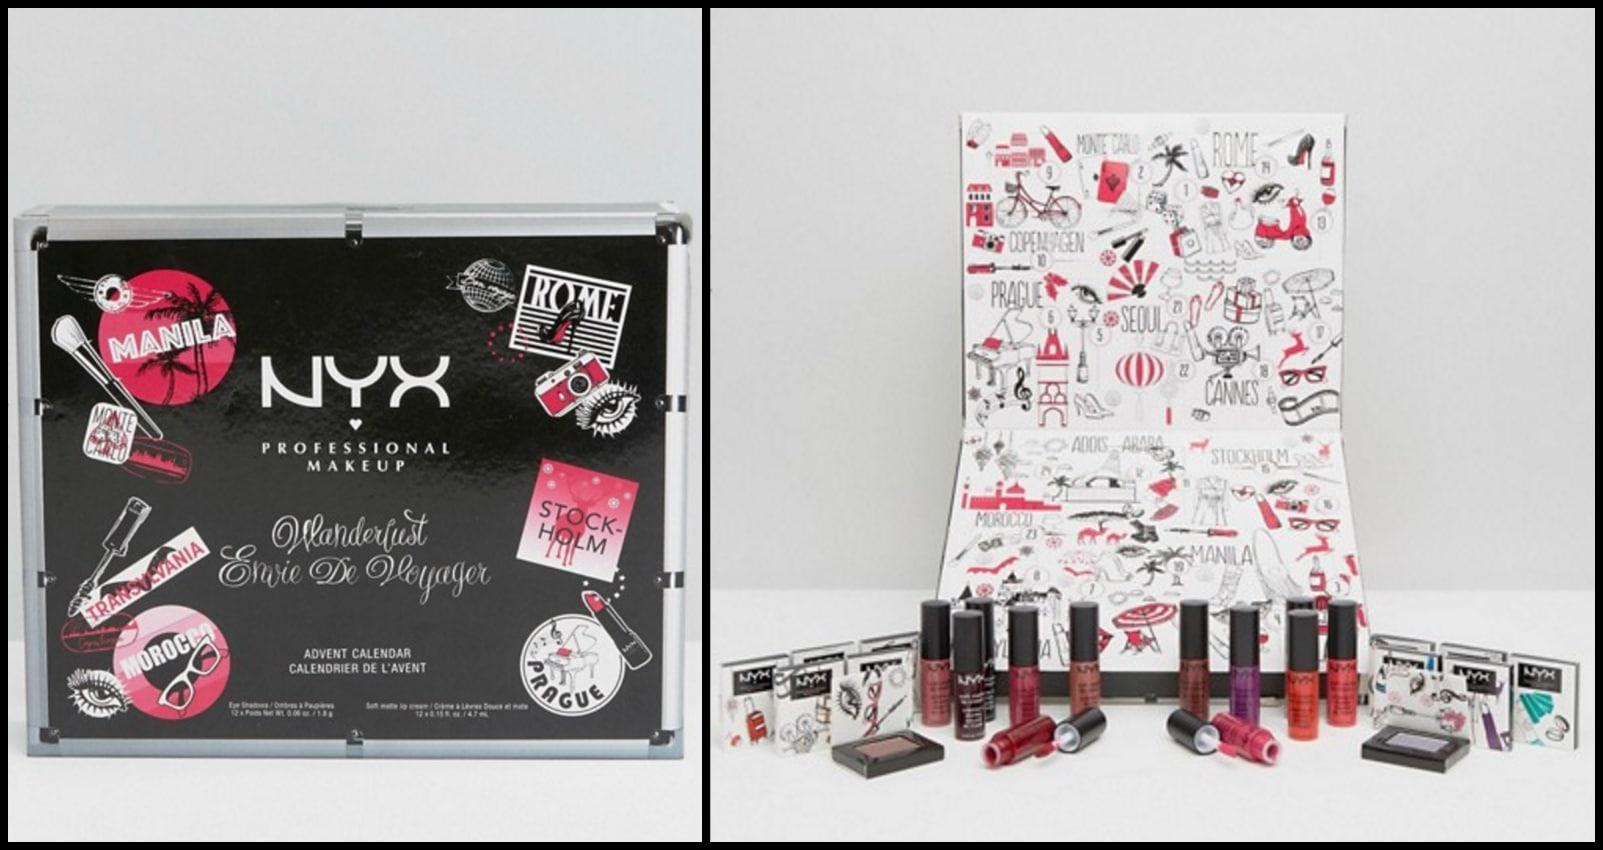 Nyx Calendario Avvento.Nyx Professional Make Up Calendario Avvento About Beauty